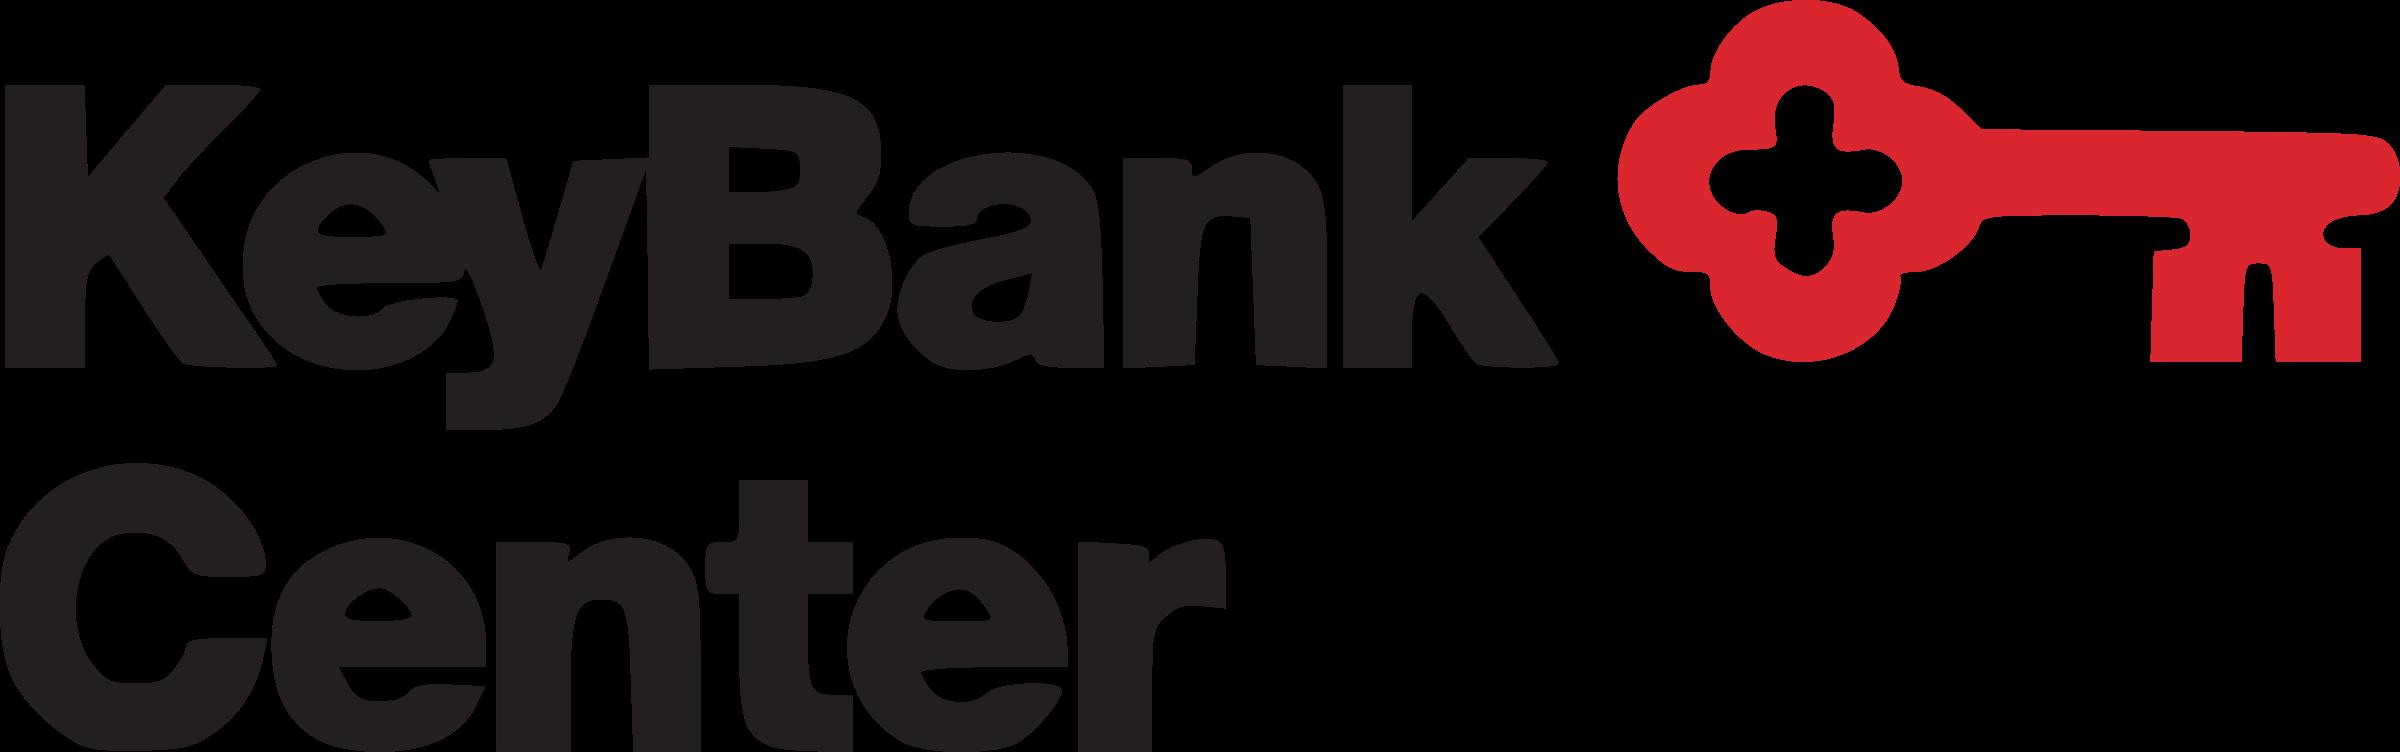 Keybank Center Logo PNG Transparent & SVG Vector.